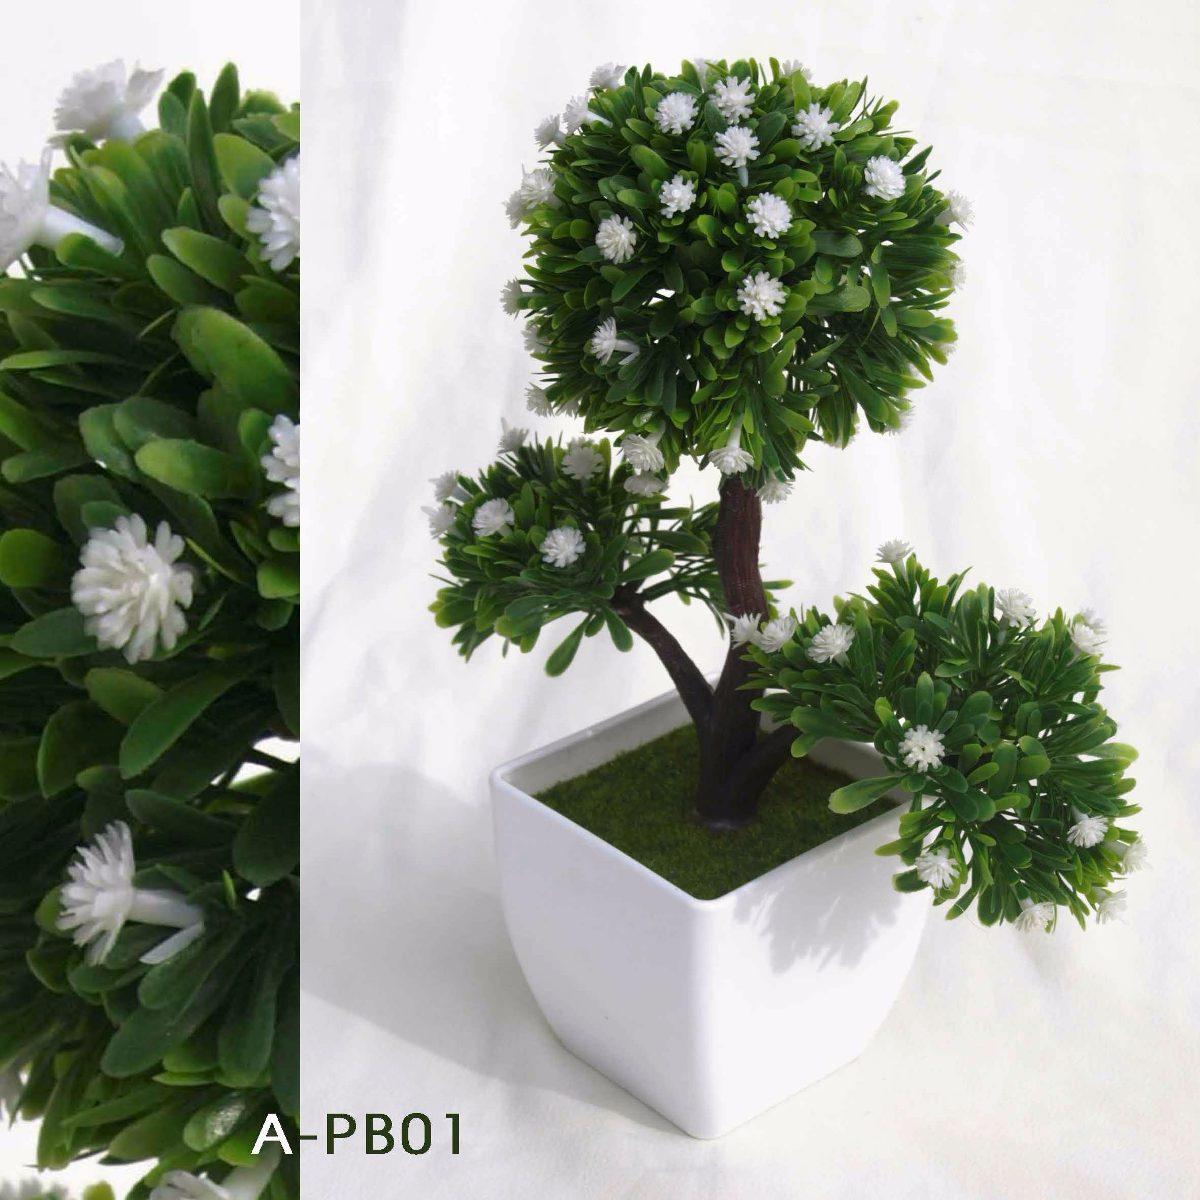 Plantas artificiales decorativas bs 6 82 en mercado libre for Plantas decorativas artificiales df